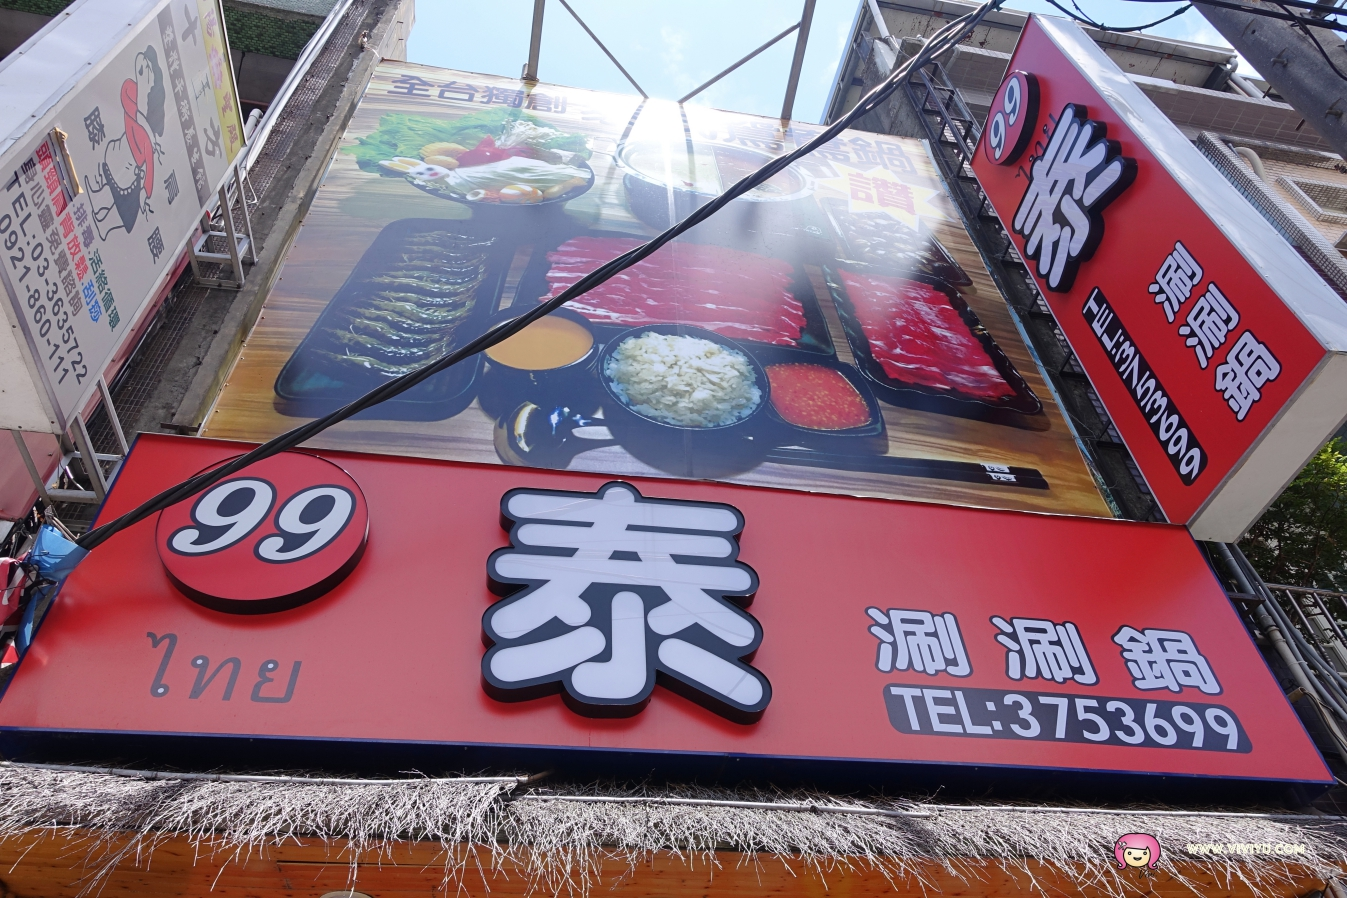 [桃園.美食]99泰式鴛鴦涮涮鍋~桃園後站民族陸橋附近.泰式奶茶無限暢飲.海鮮與肉片食材新鮮 @VIVIYU小世界